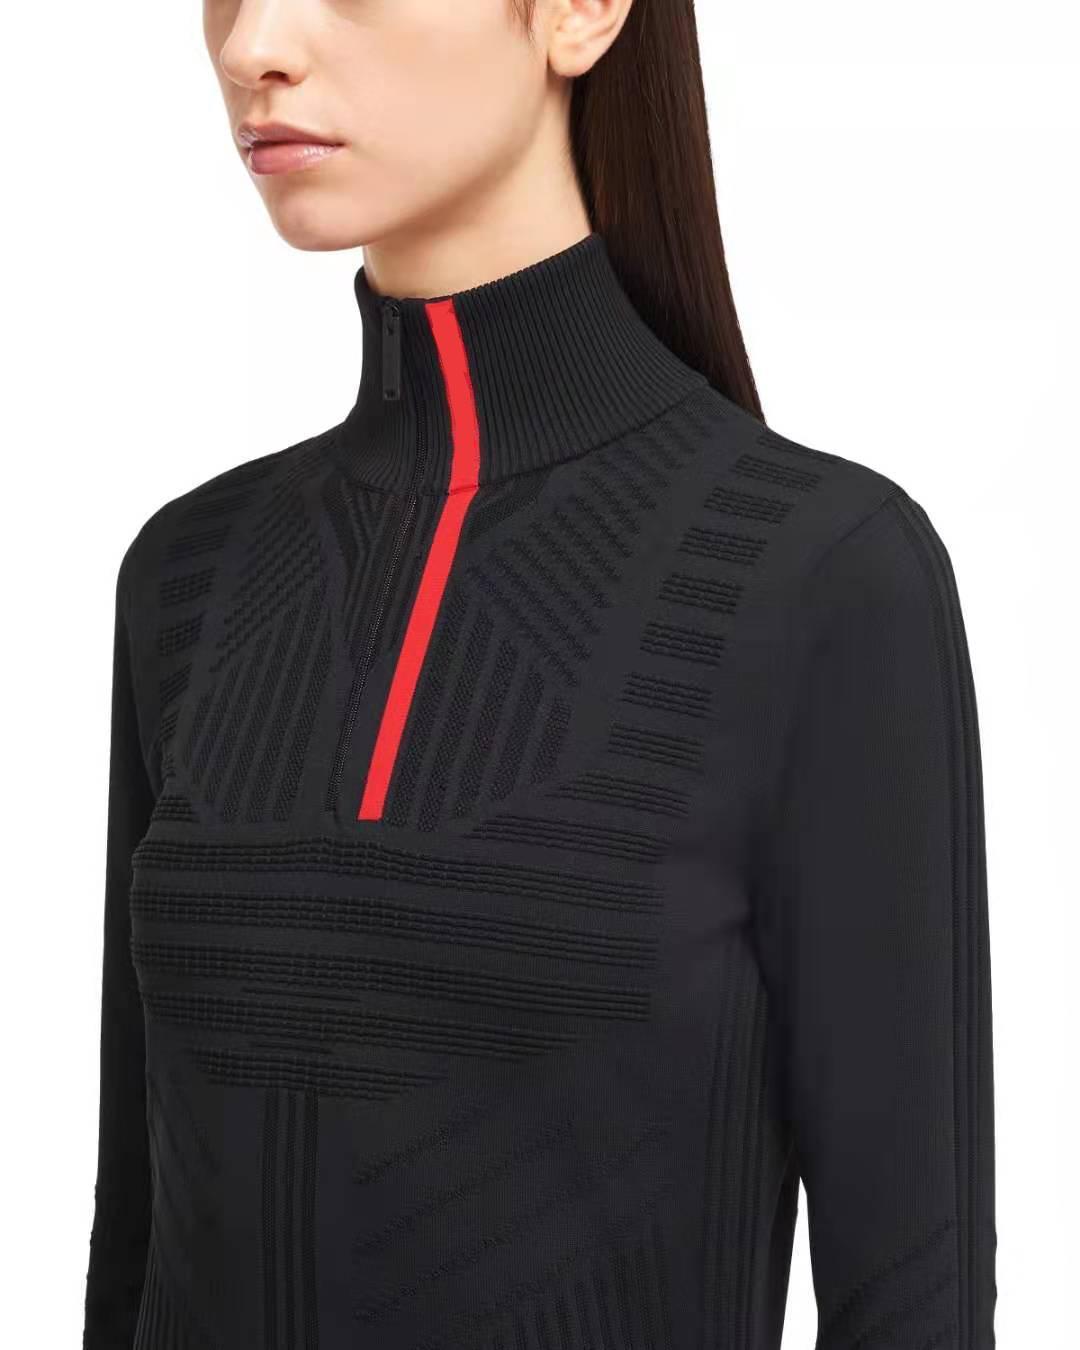 여성 스웨터 양모 outwears 탑스 스웨터 레이디 스웨터 니트 티셔츠 긴 소매 높은 목 웜 스웨터 편지 자수 neckline Zippers 조정